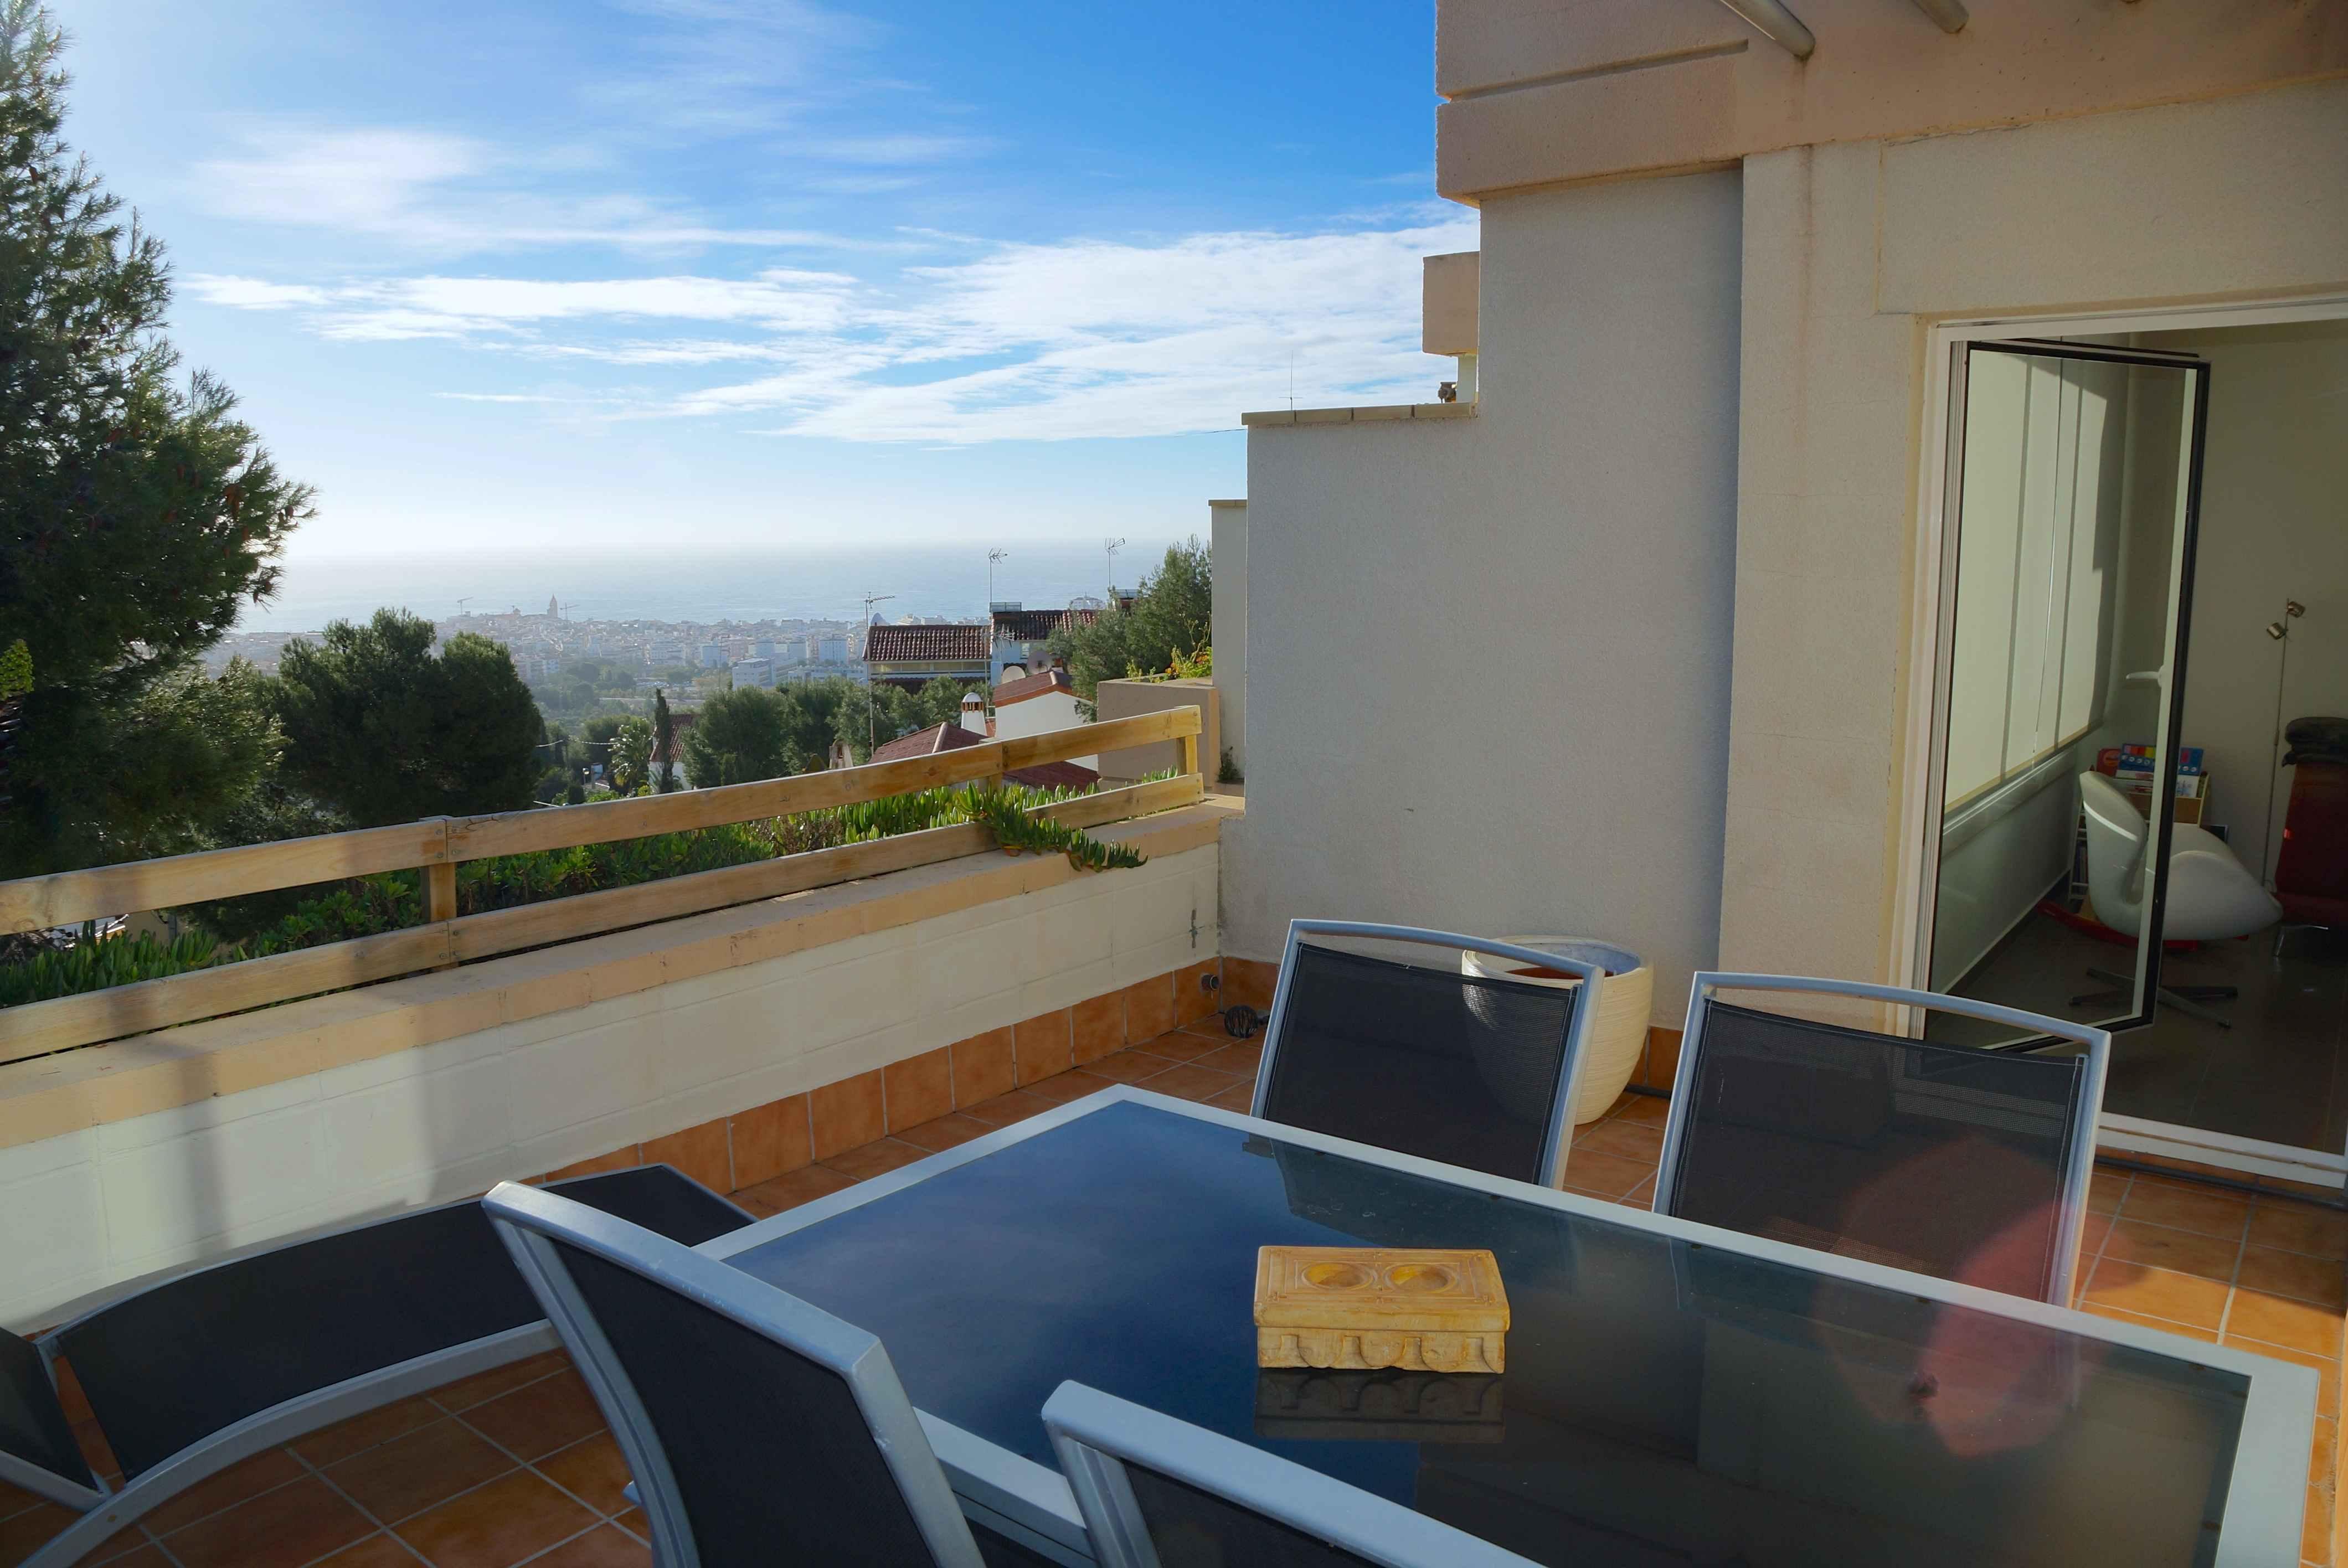 Апартаменты в Барселона, площадь 100 м², 3 спальни